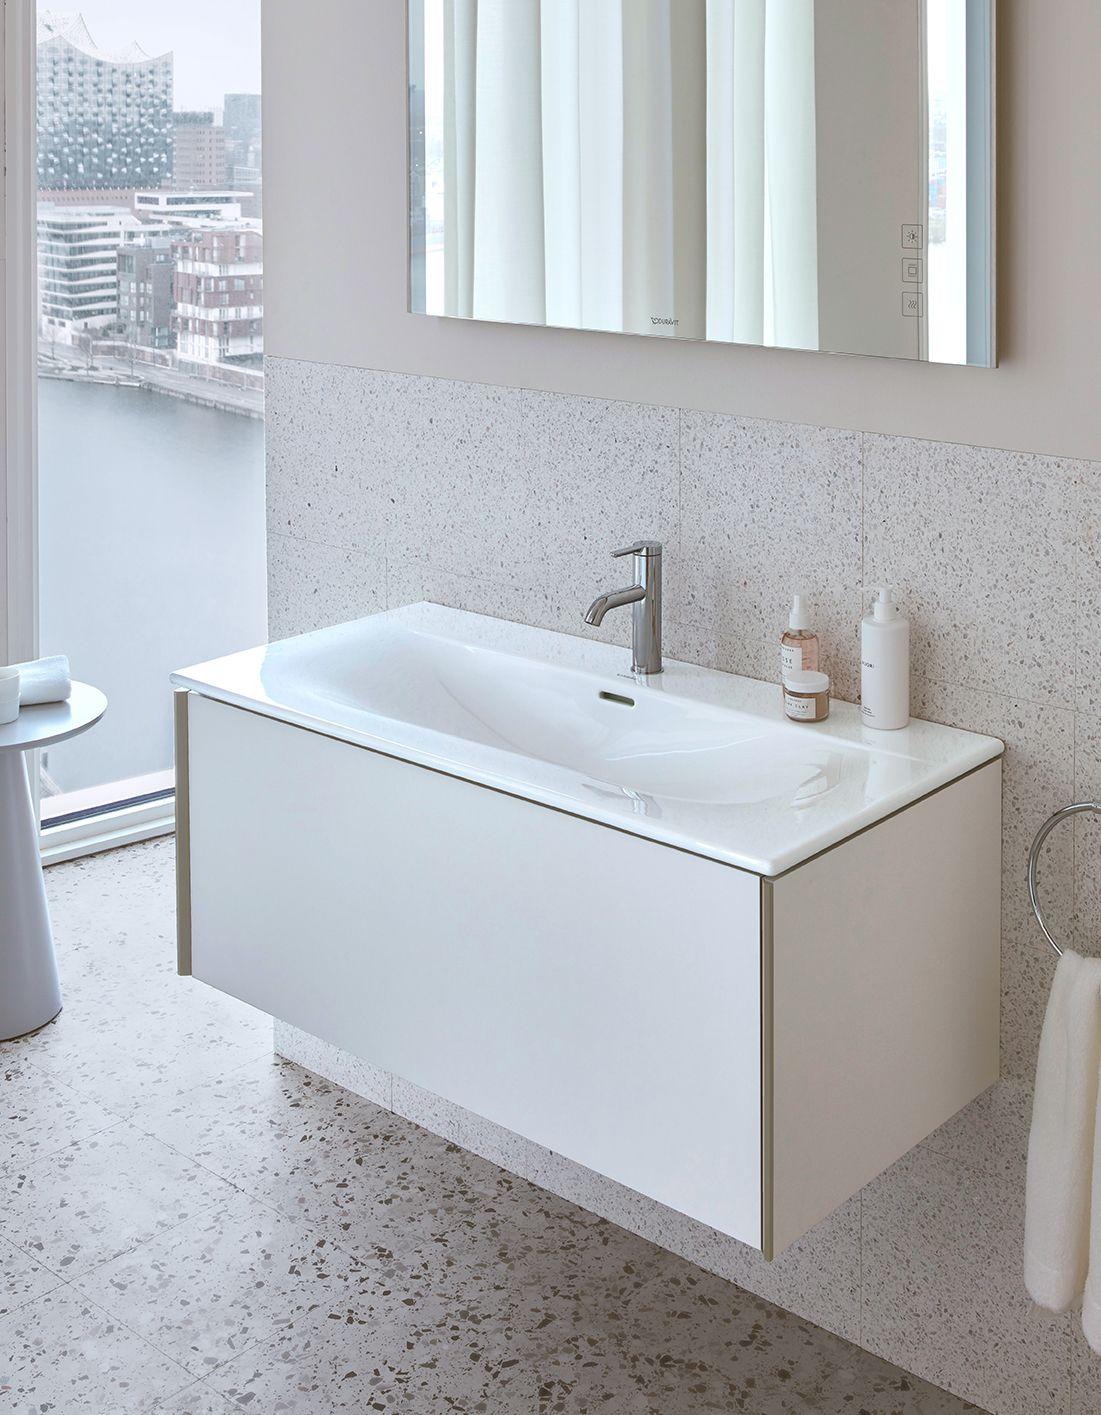 Duravit Viu With Xviu Stylish Bathroom Elegant Bathroom Bathroom Plans